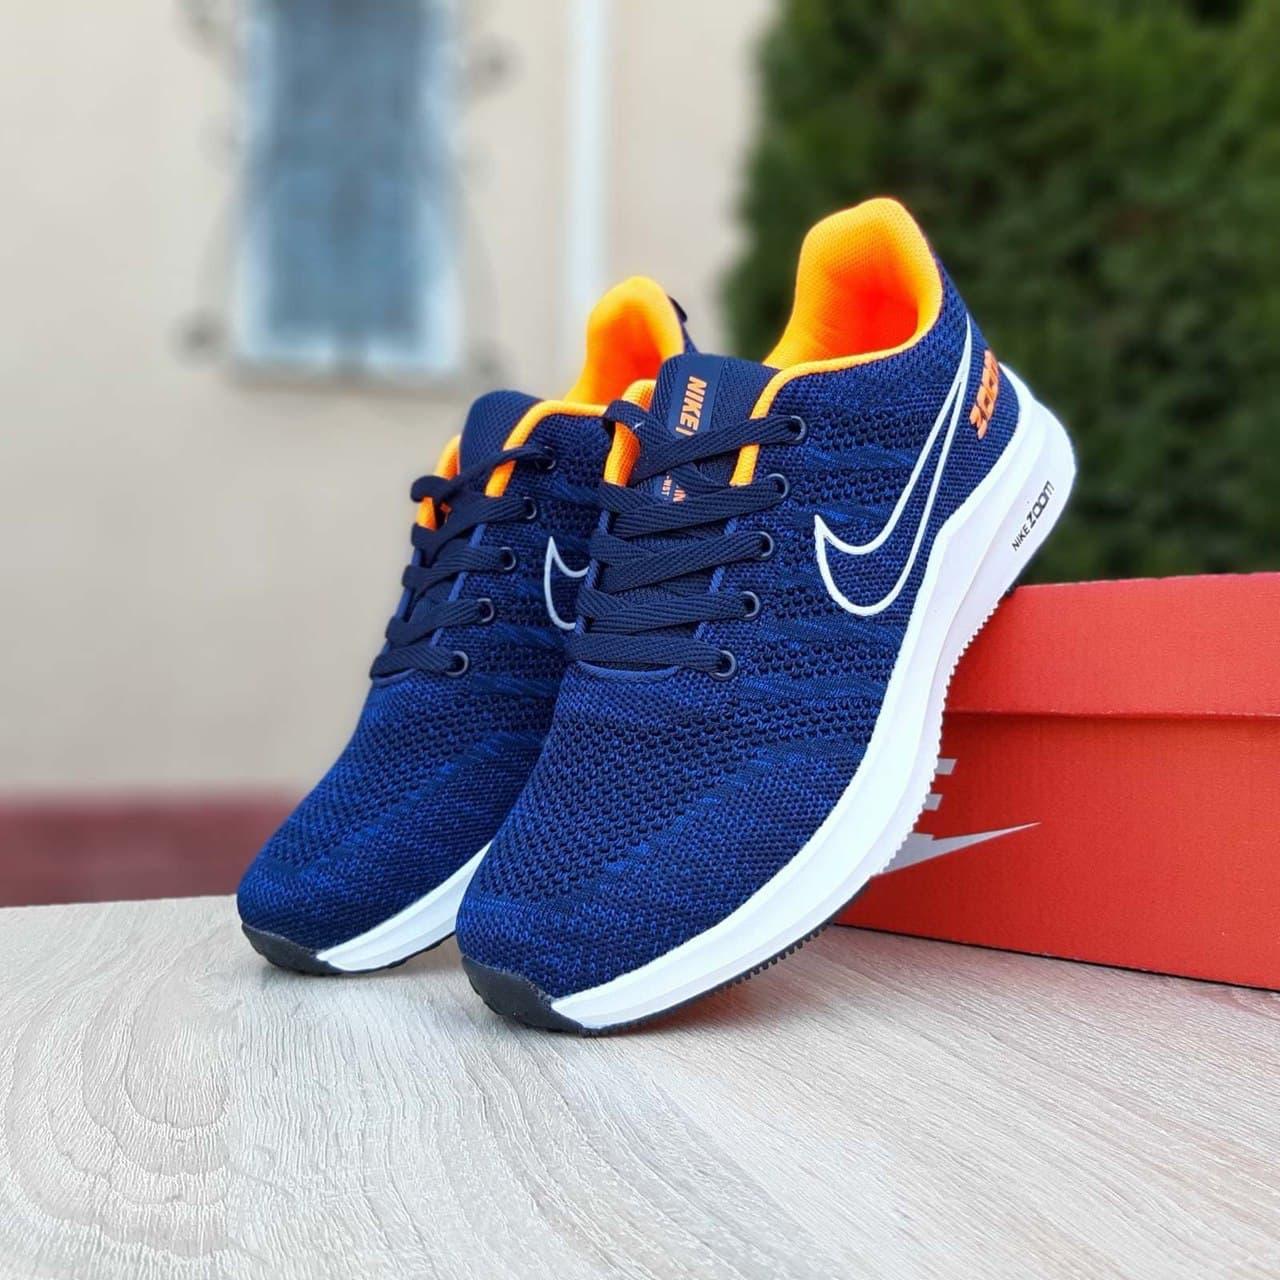 Мужские кроссовки Nike Zoom (Синие с оранжевым) О10072 легкая спортивная обувь